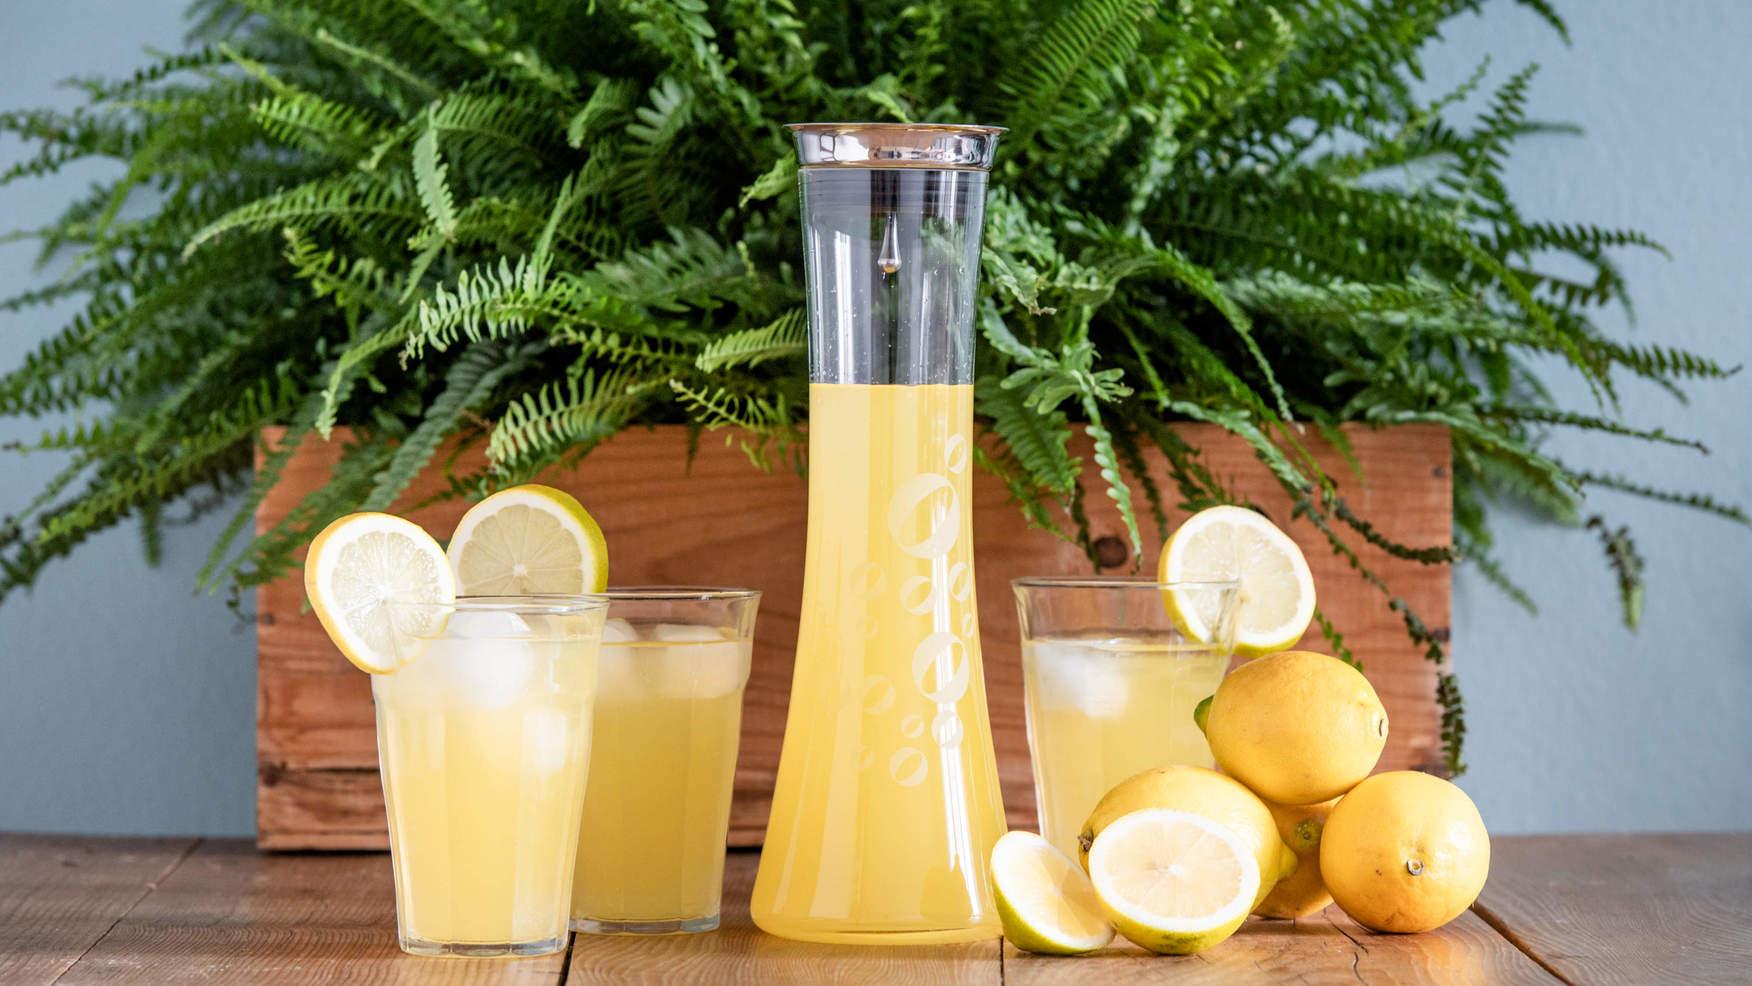 Holundersirup mit Zitronen vor einer grünen Pflanze